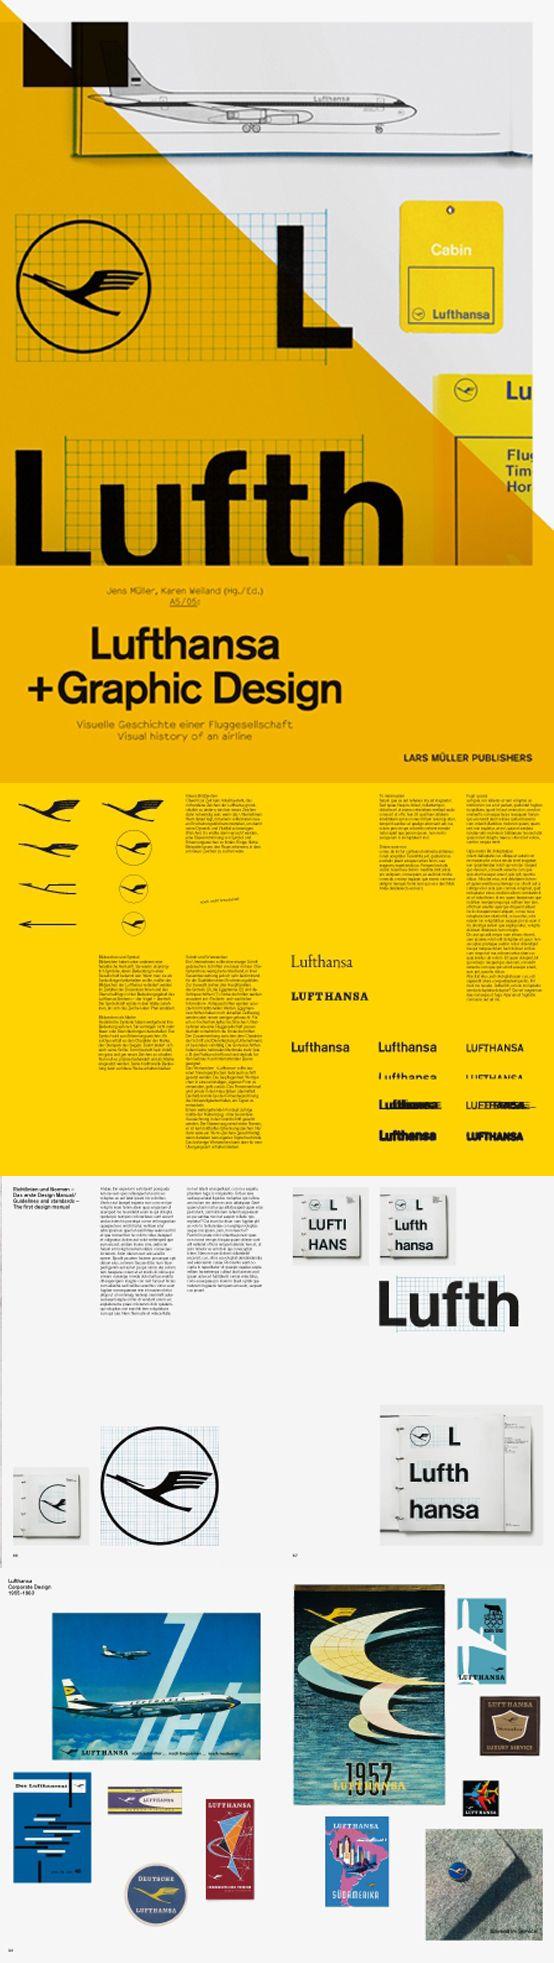 Lufthansa - Designed by Otl Aicher - Ulm, 1962.